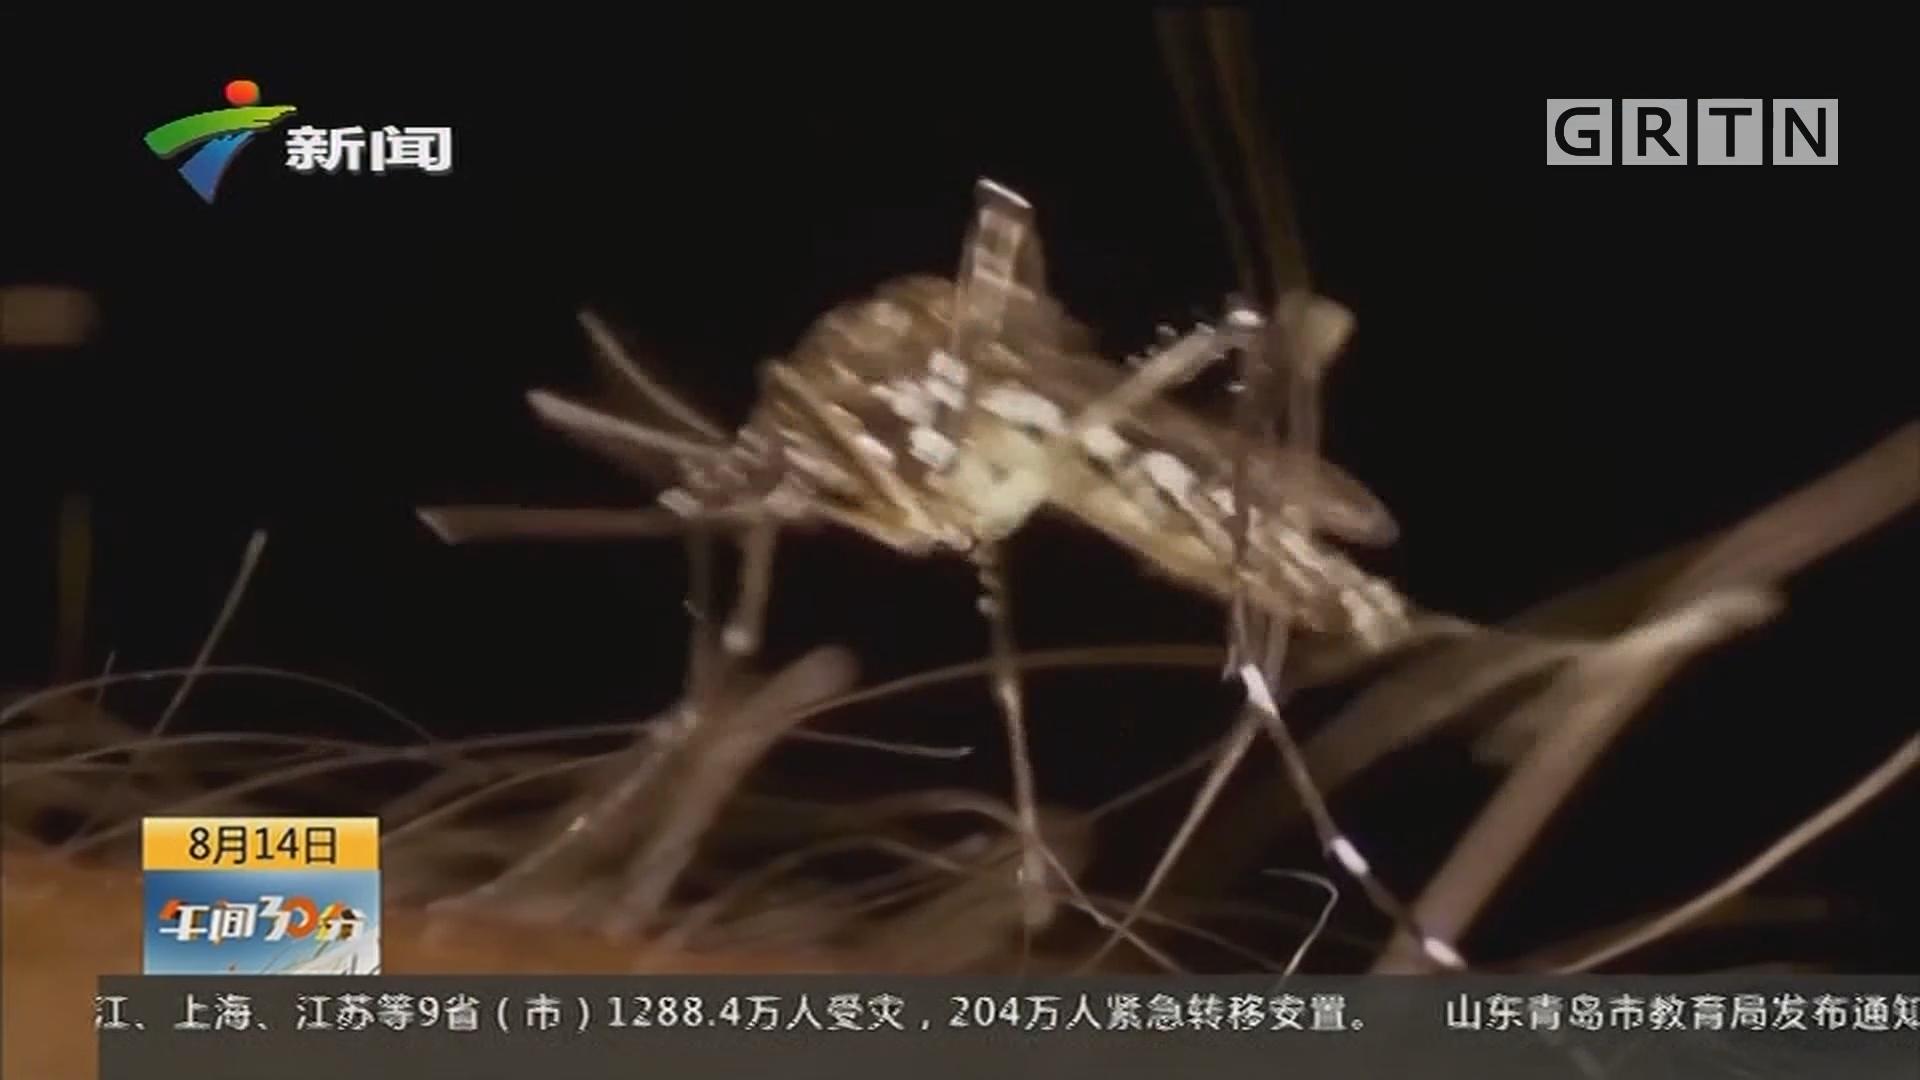 """中山大学灭蚊研究登上《自然》:用""""绝育蚊子""""控制登革热"""